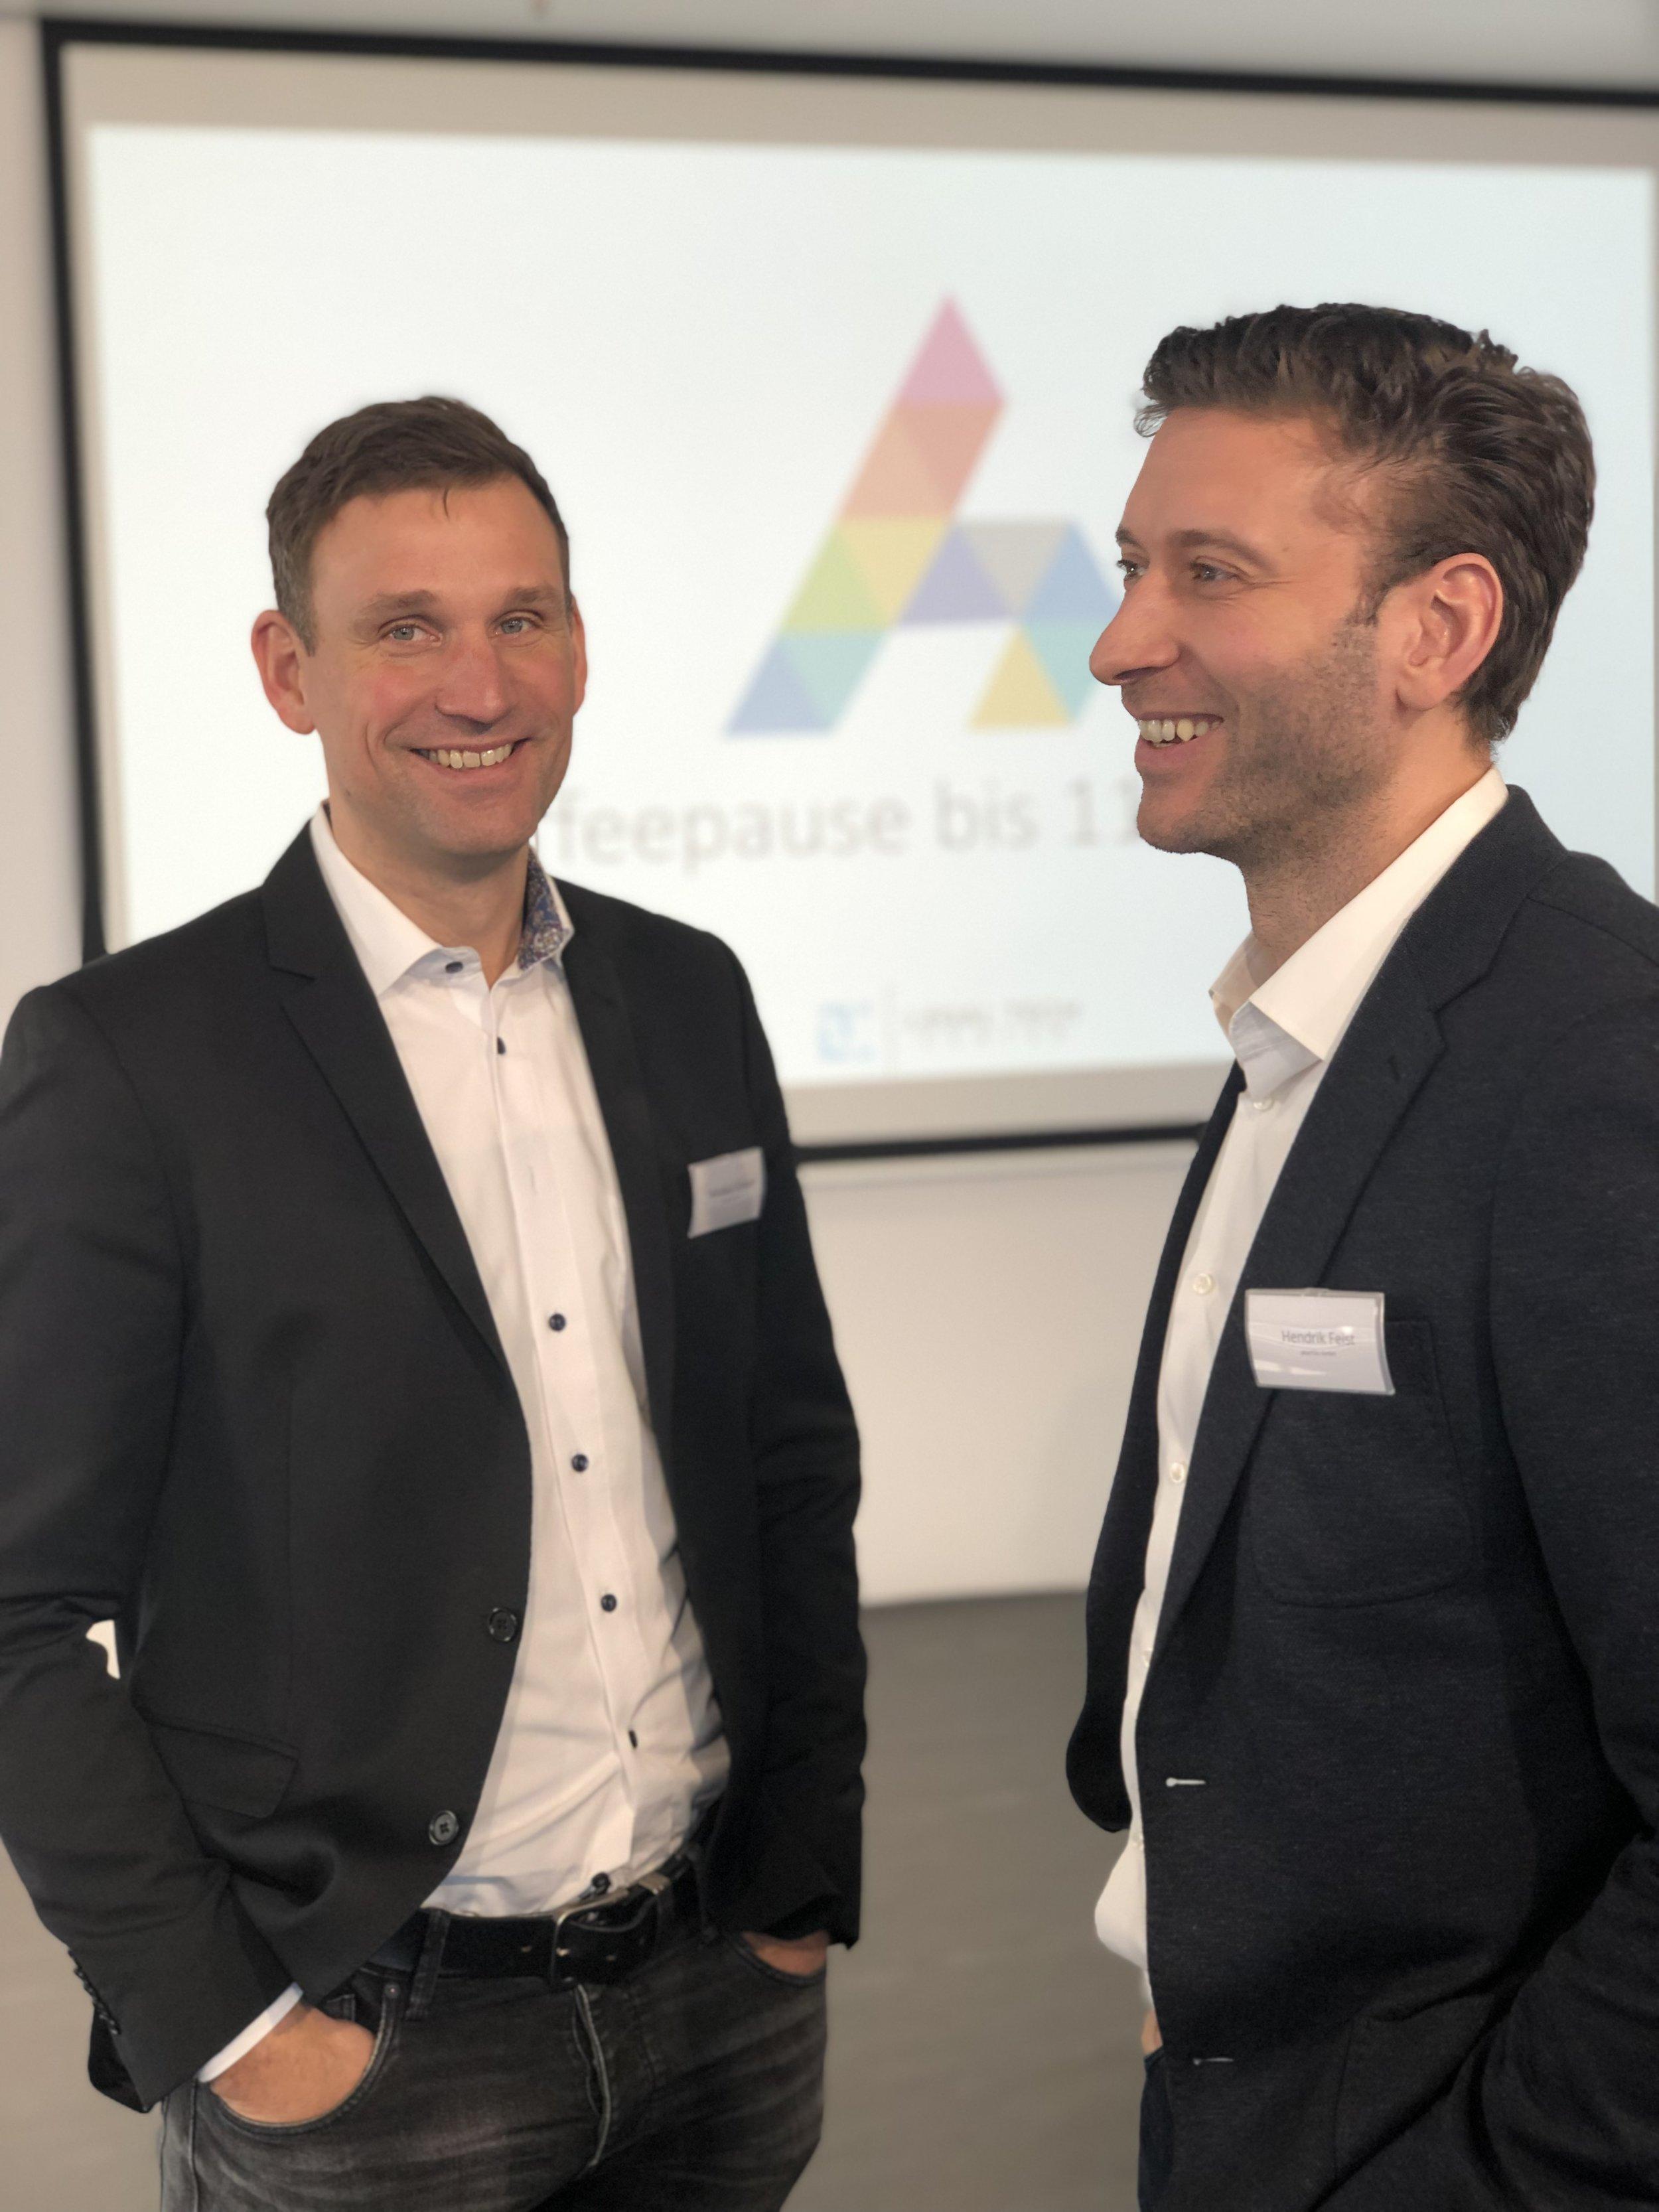 Nikolaus Grosse + Hendrik Feist, Geschäftsführer der plusYOU GmbH